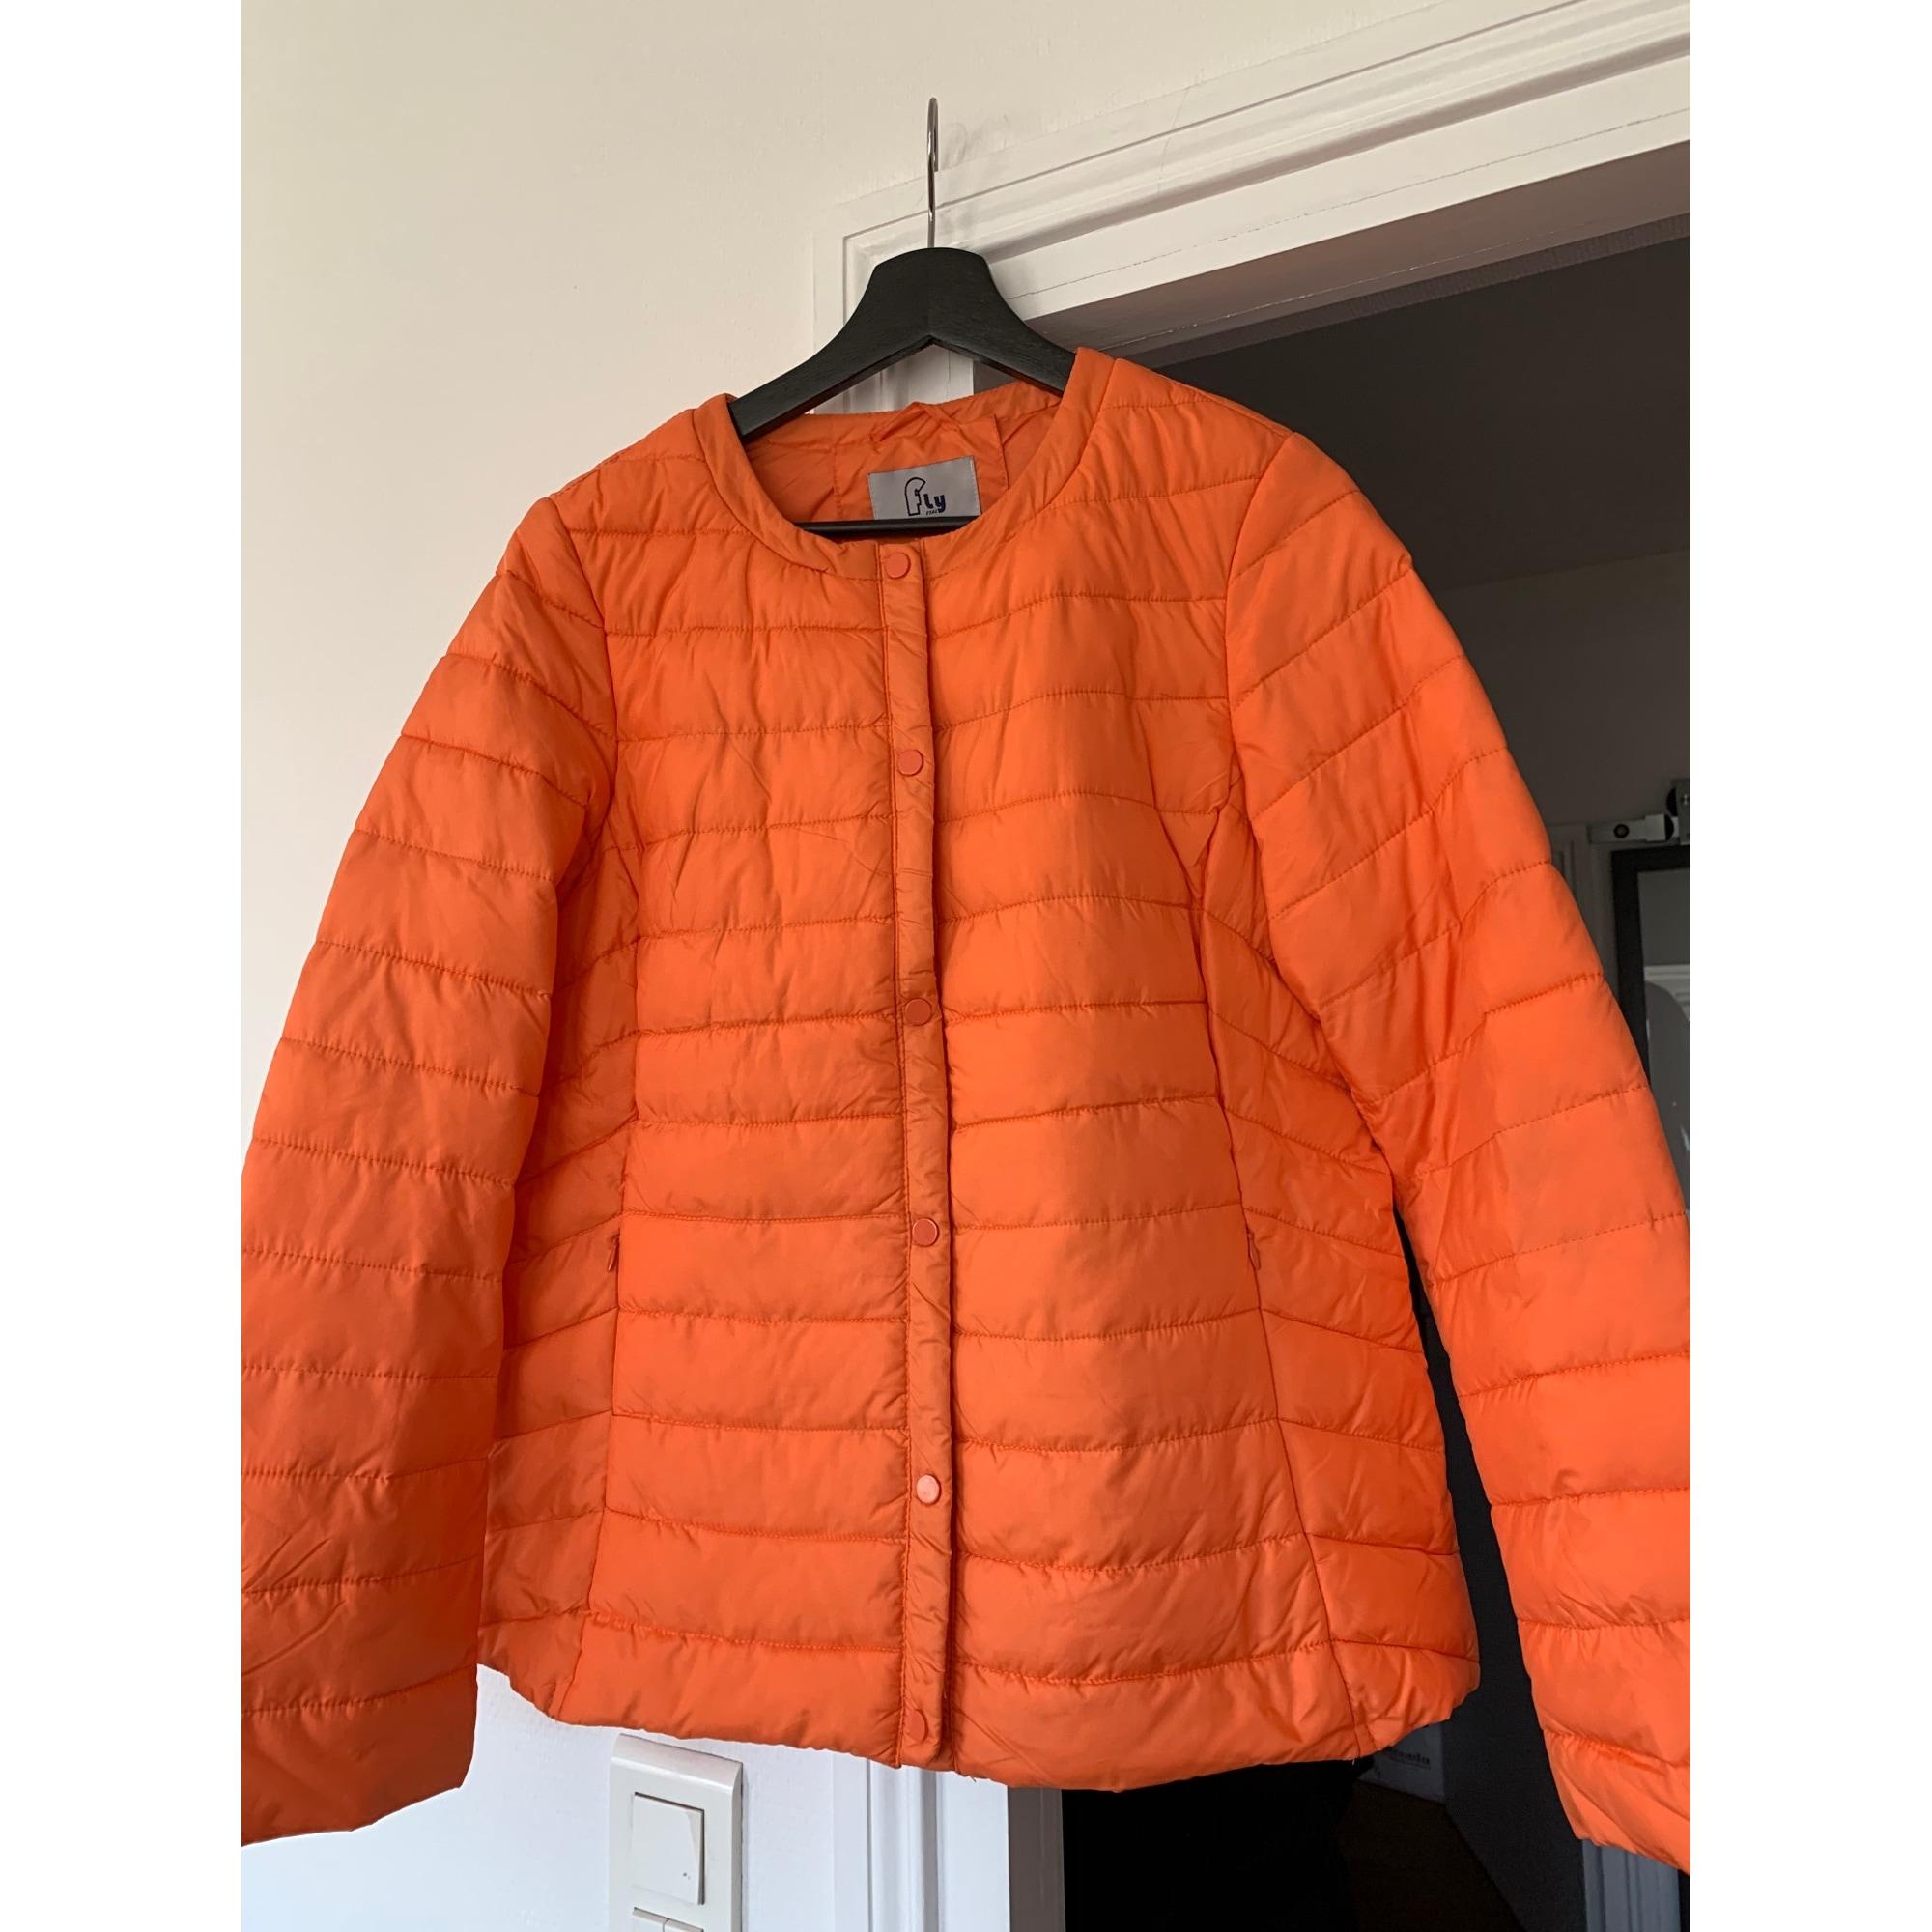 Doudoune FLY Orange